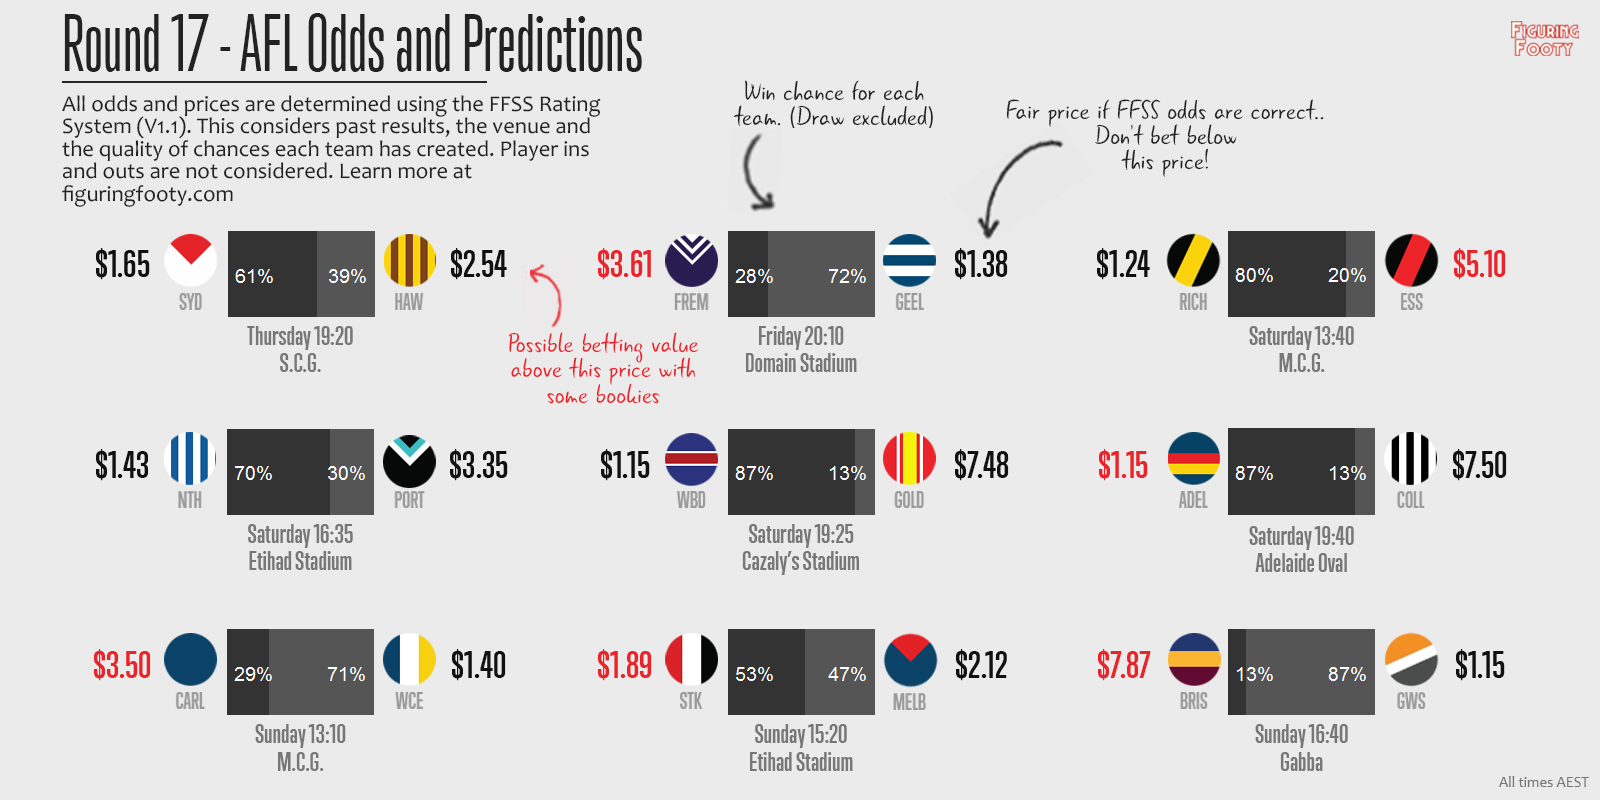 FFSS Round 17 Predictions